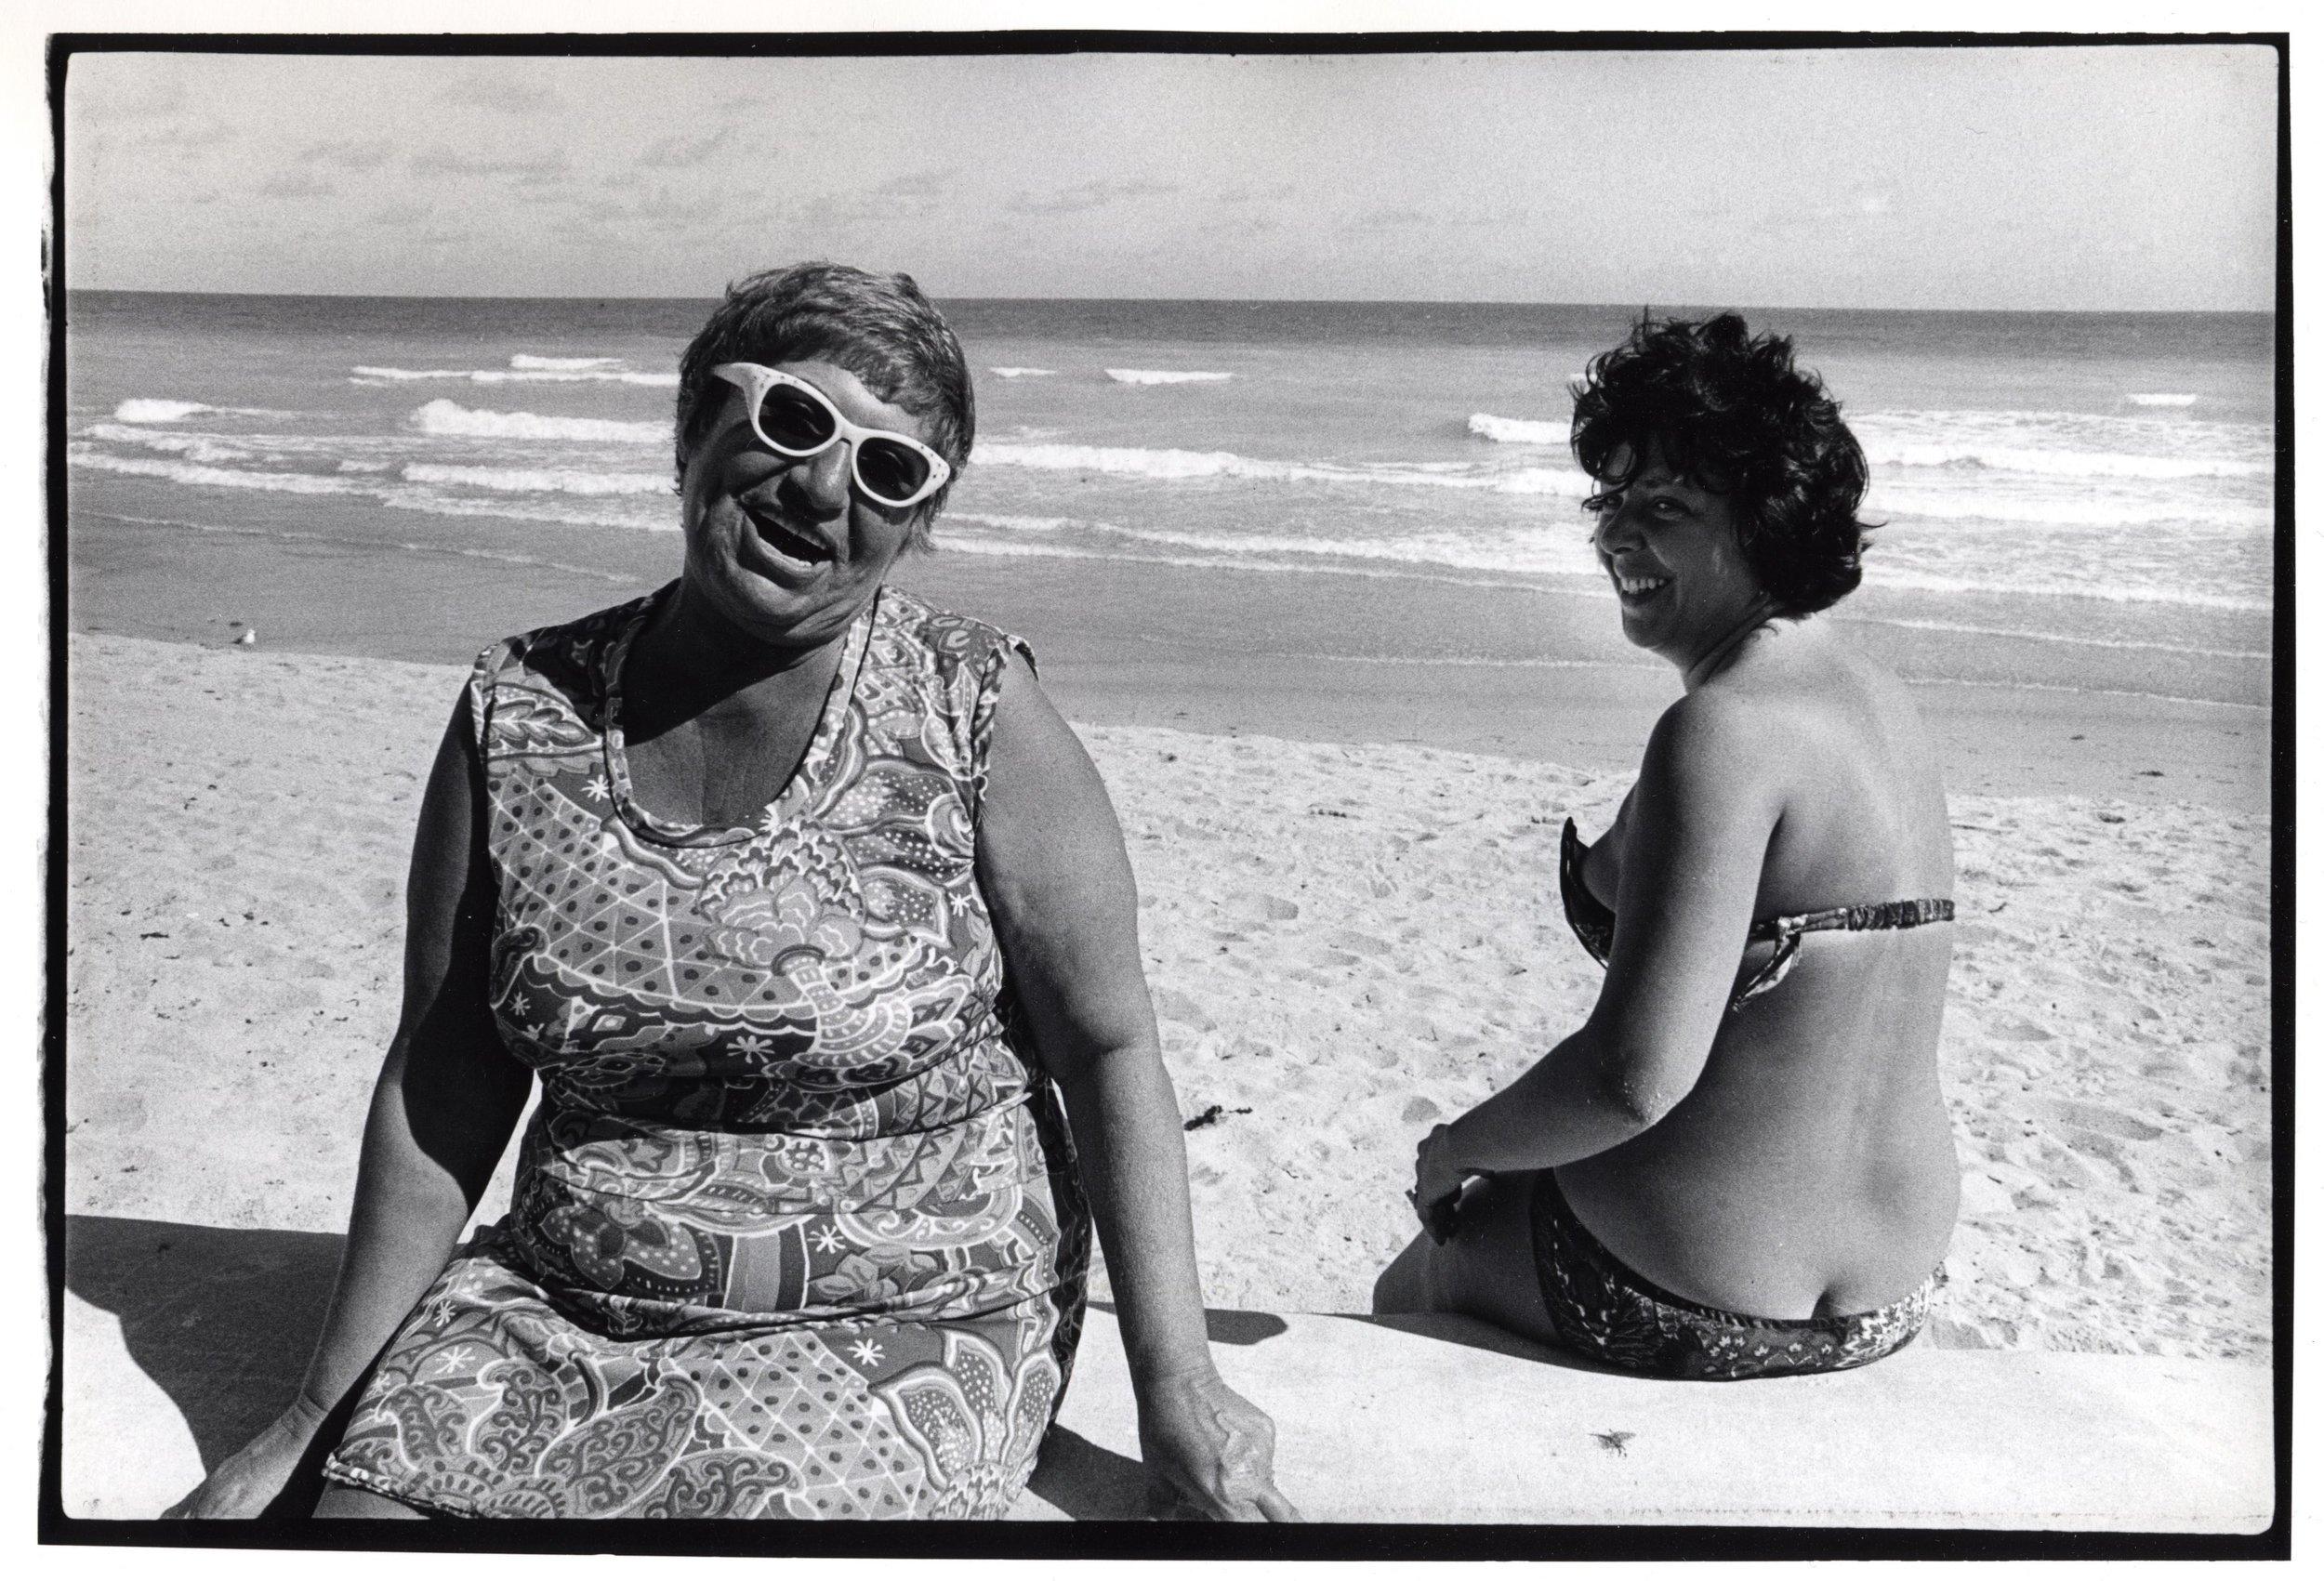 Miami Beach, 1974